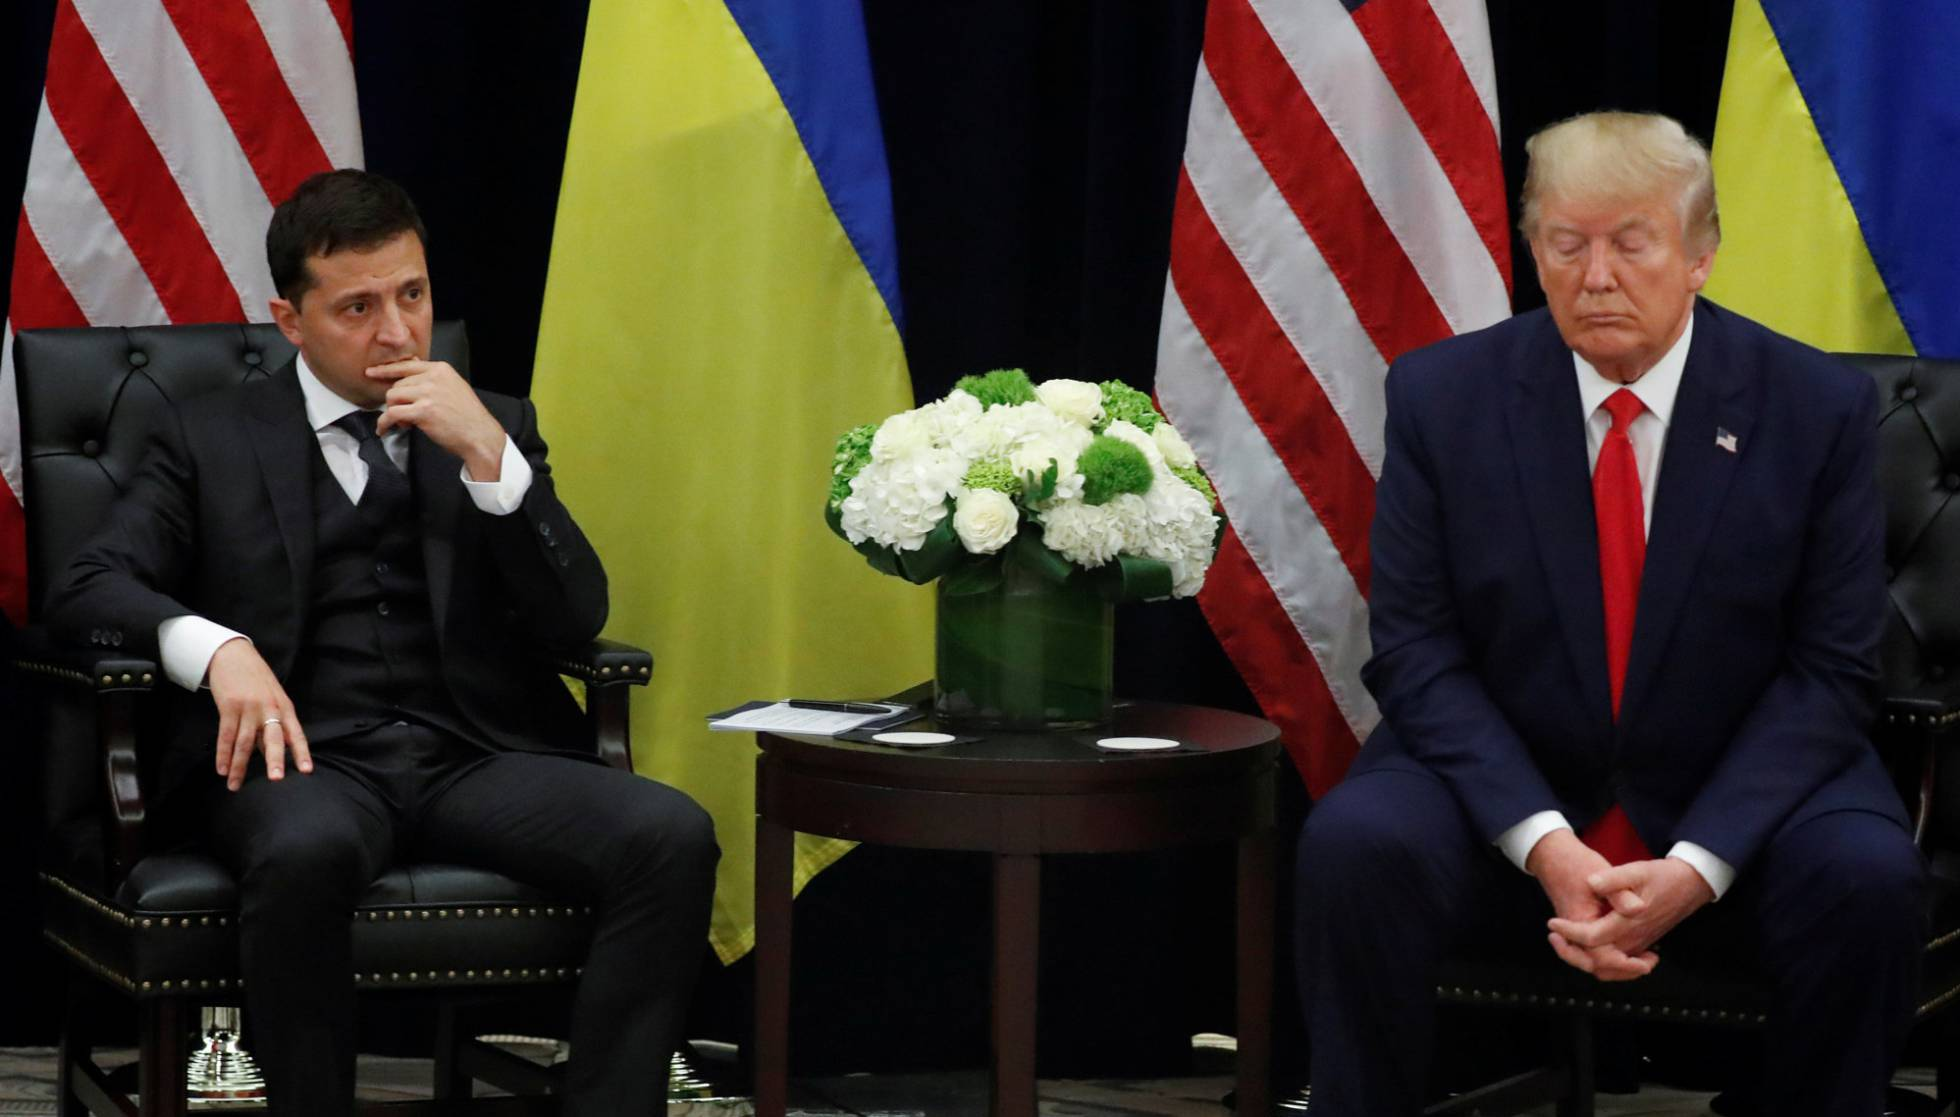 1 presidente de ucrania y trump